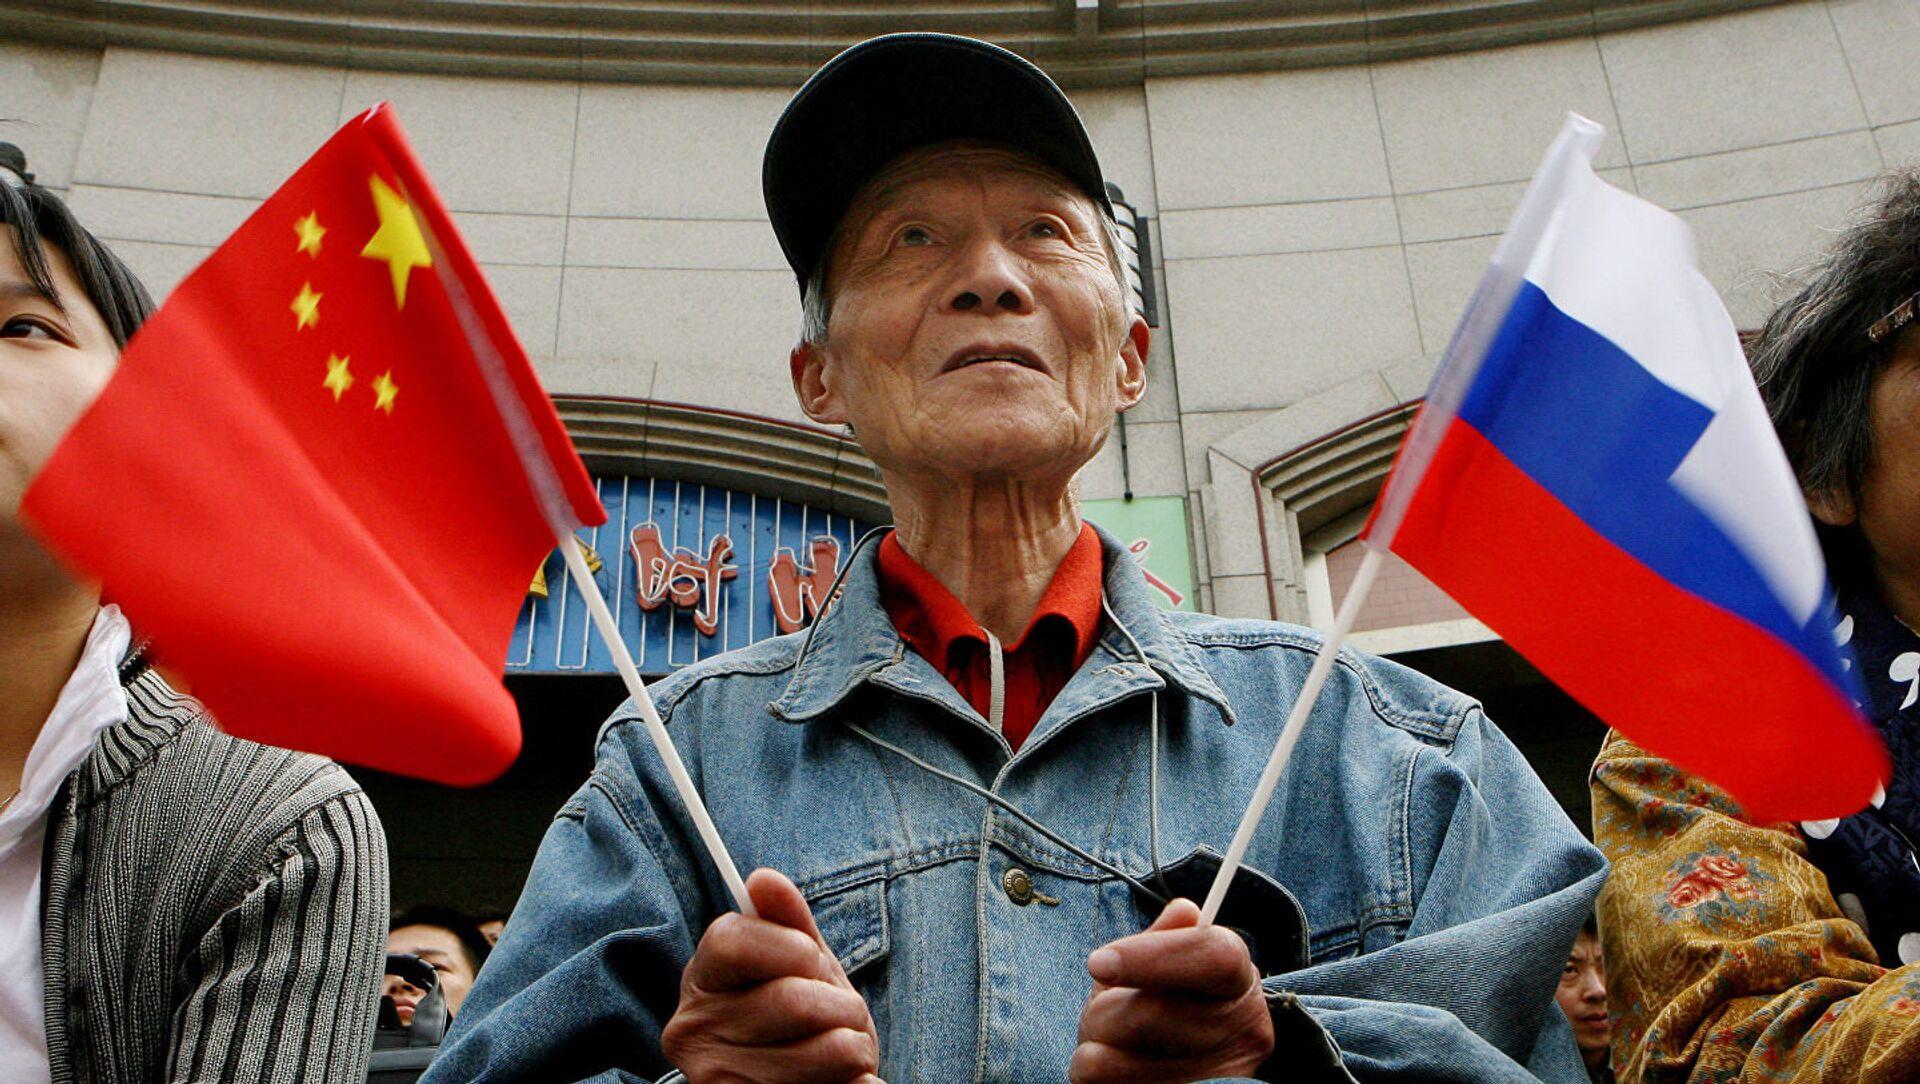 Người cao tuổi cầm cờ Trung Quốc và Nga - Sputnik Việt Nam, 1920, 29.04.2021